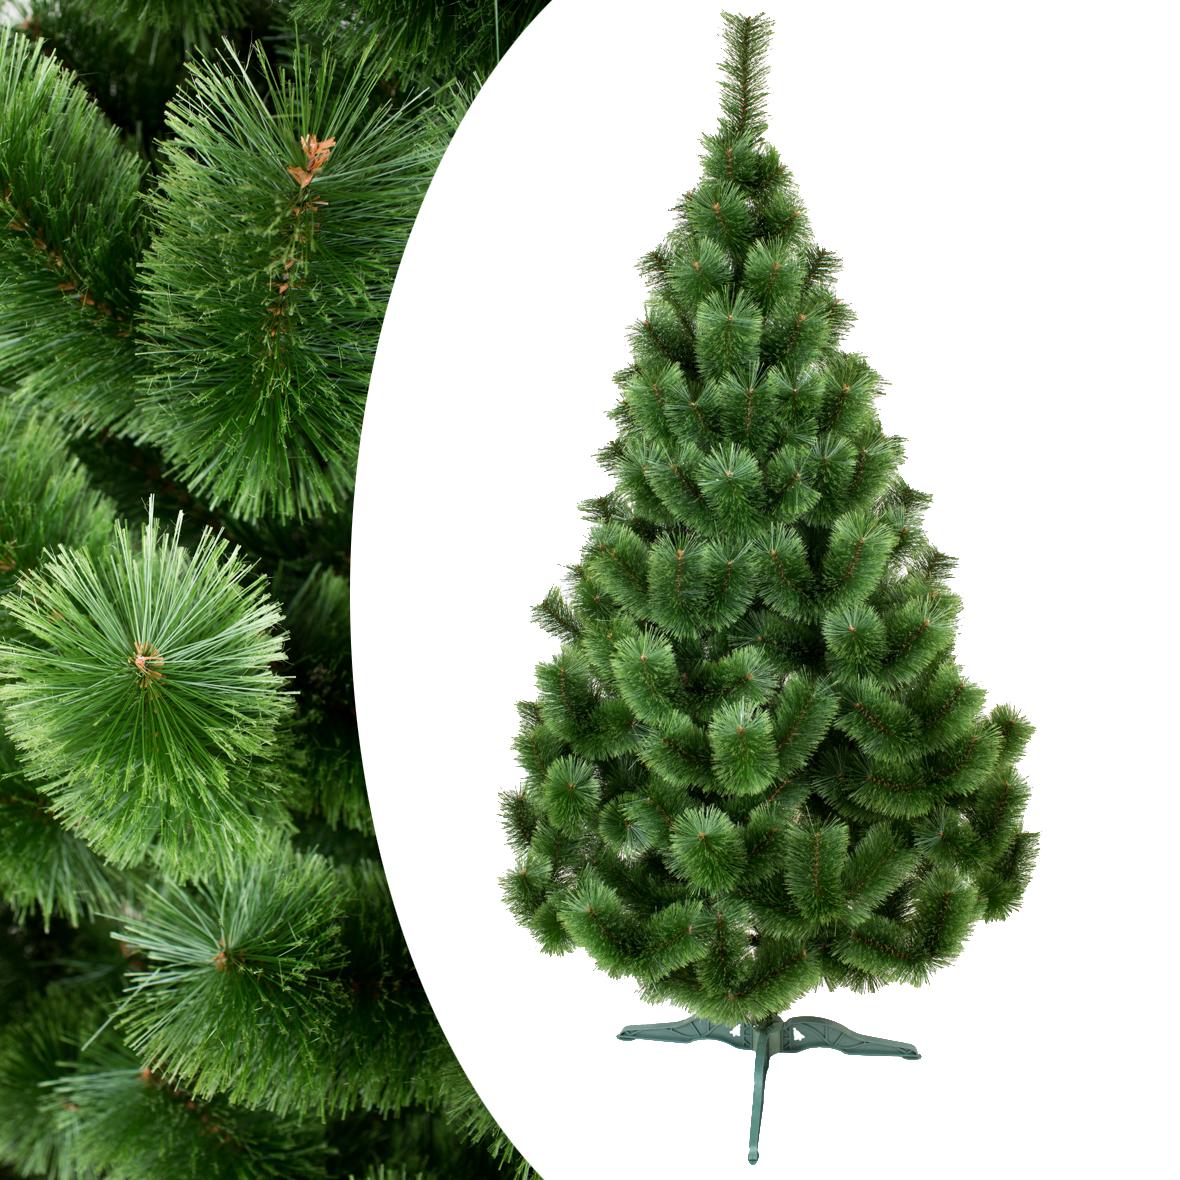 Искусственная распушенная сосна 75 см зеленая. Новогодняя ПВХ сосна 0,75 метра